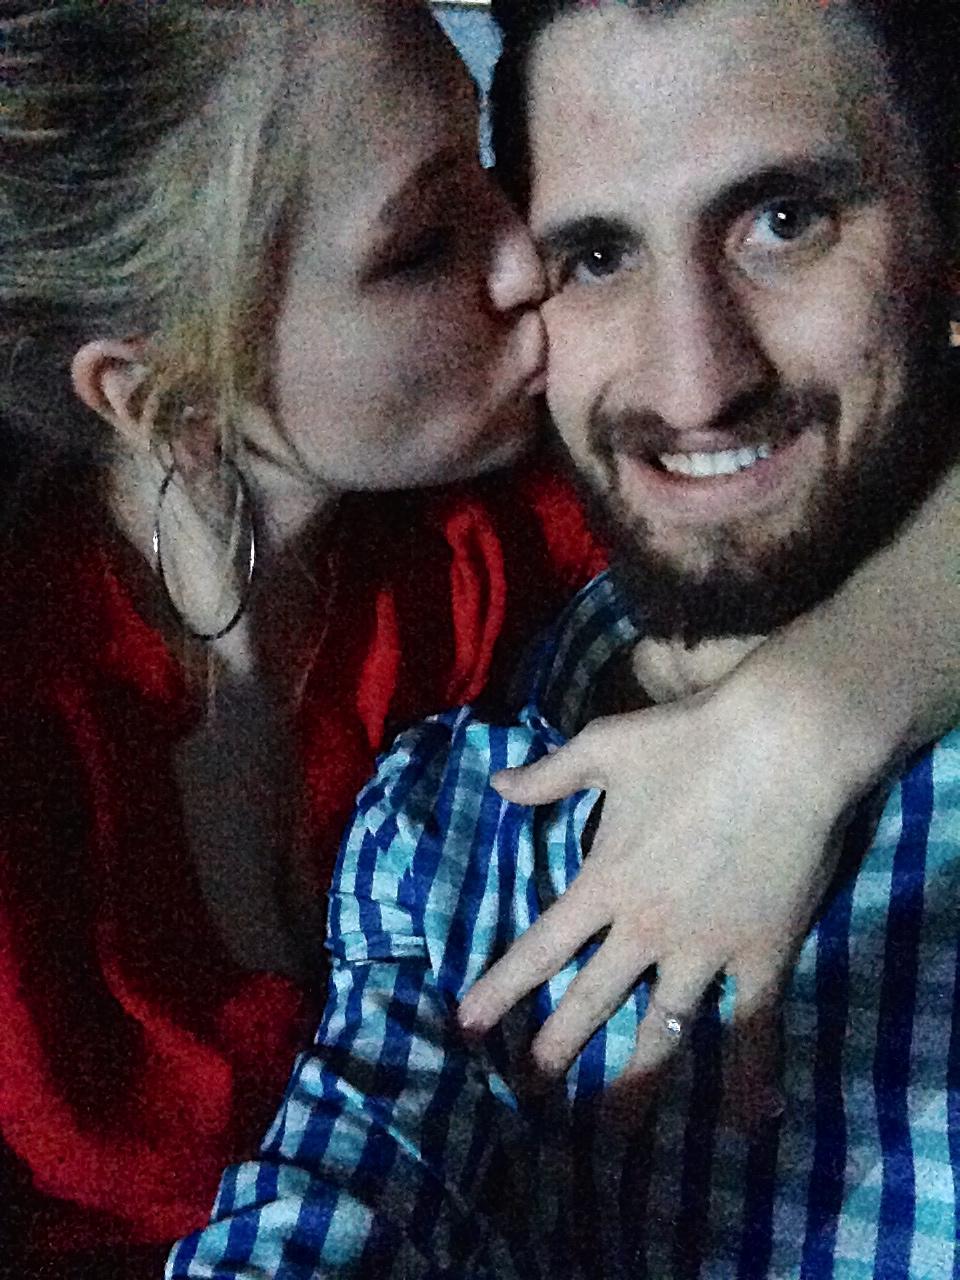 Image 1 of Dana and Dan's Proposal at an Eric Church Concert